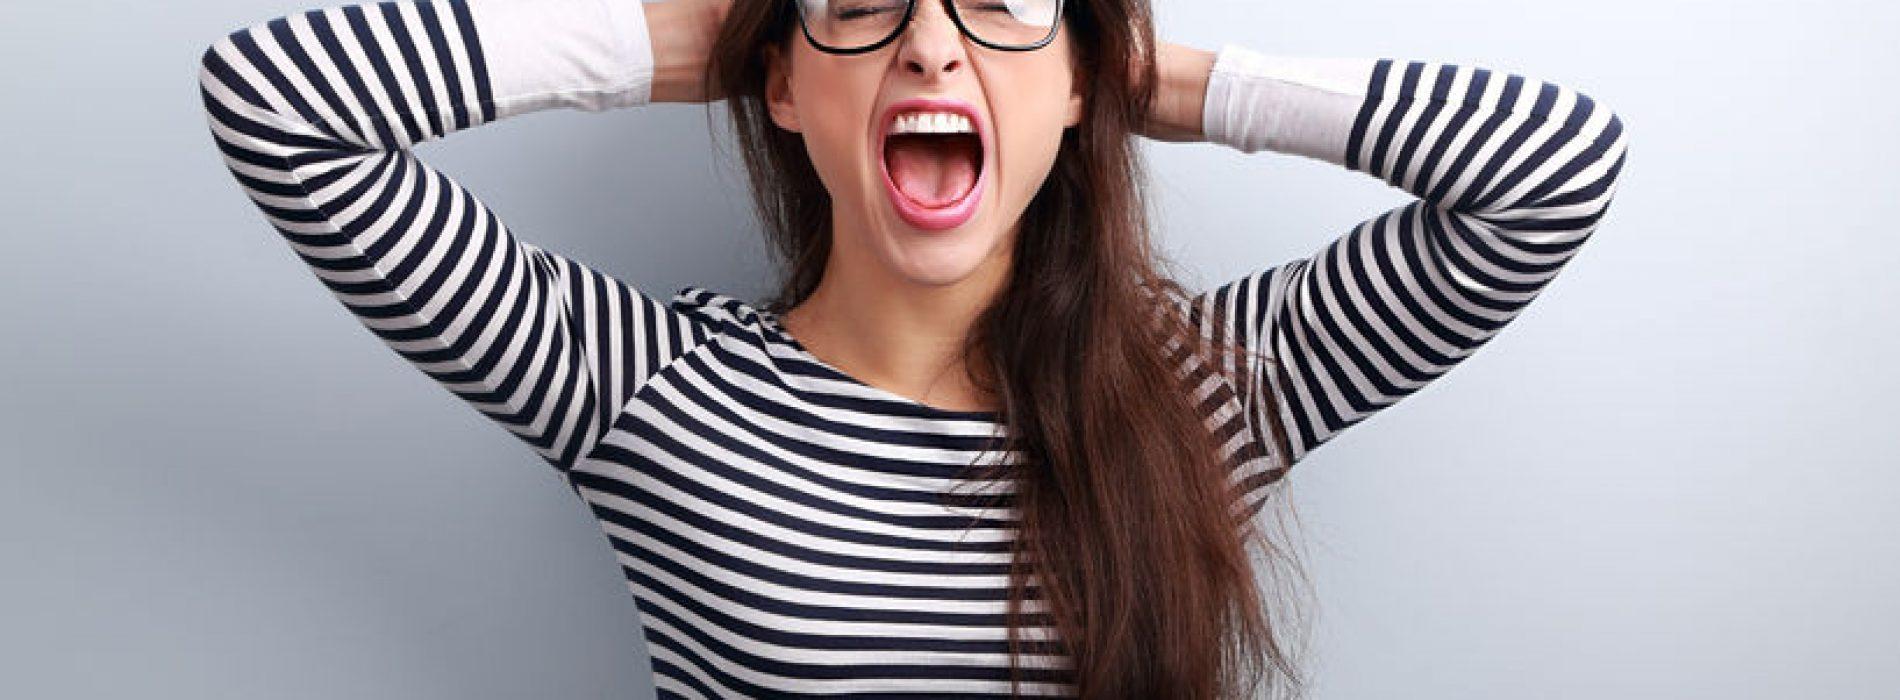 Kiedy nerwy przestają być normalną reakcją?